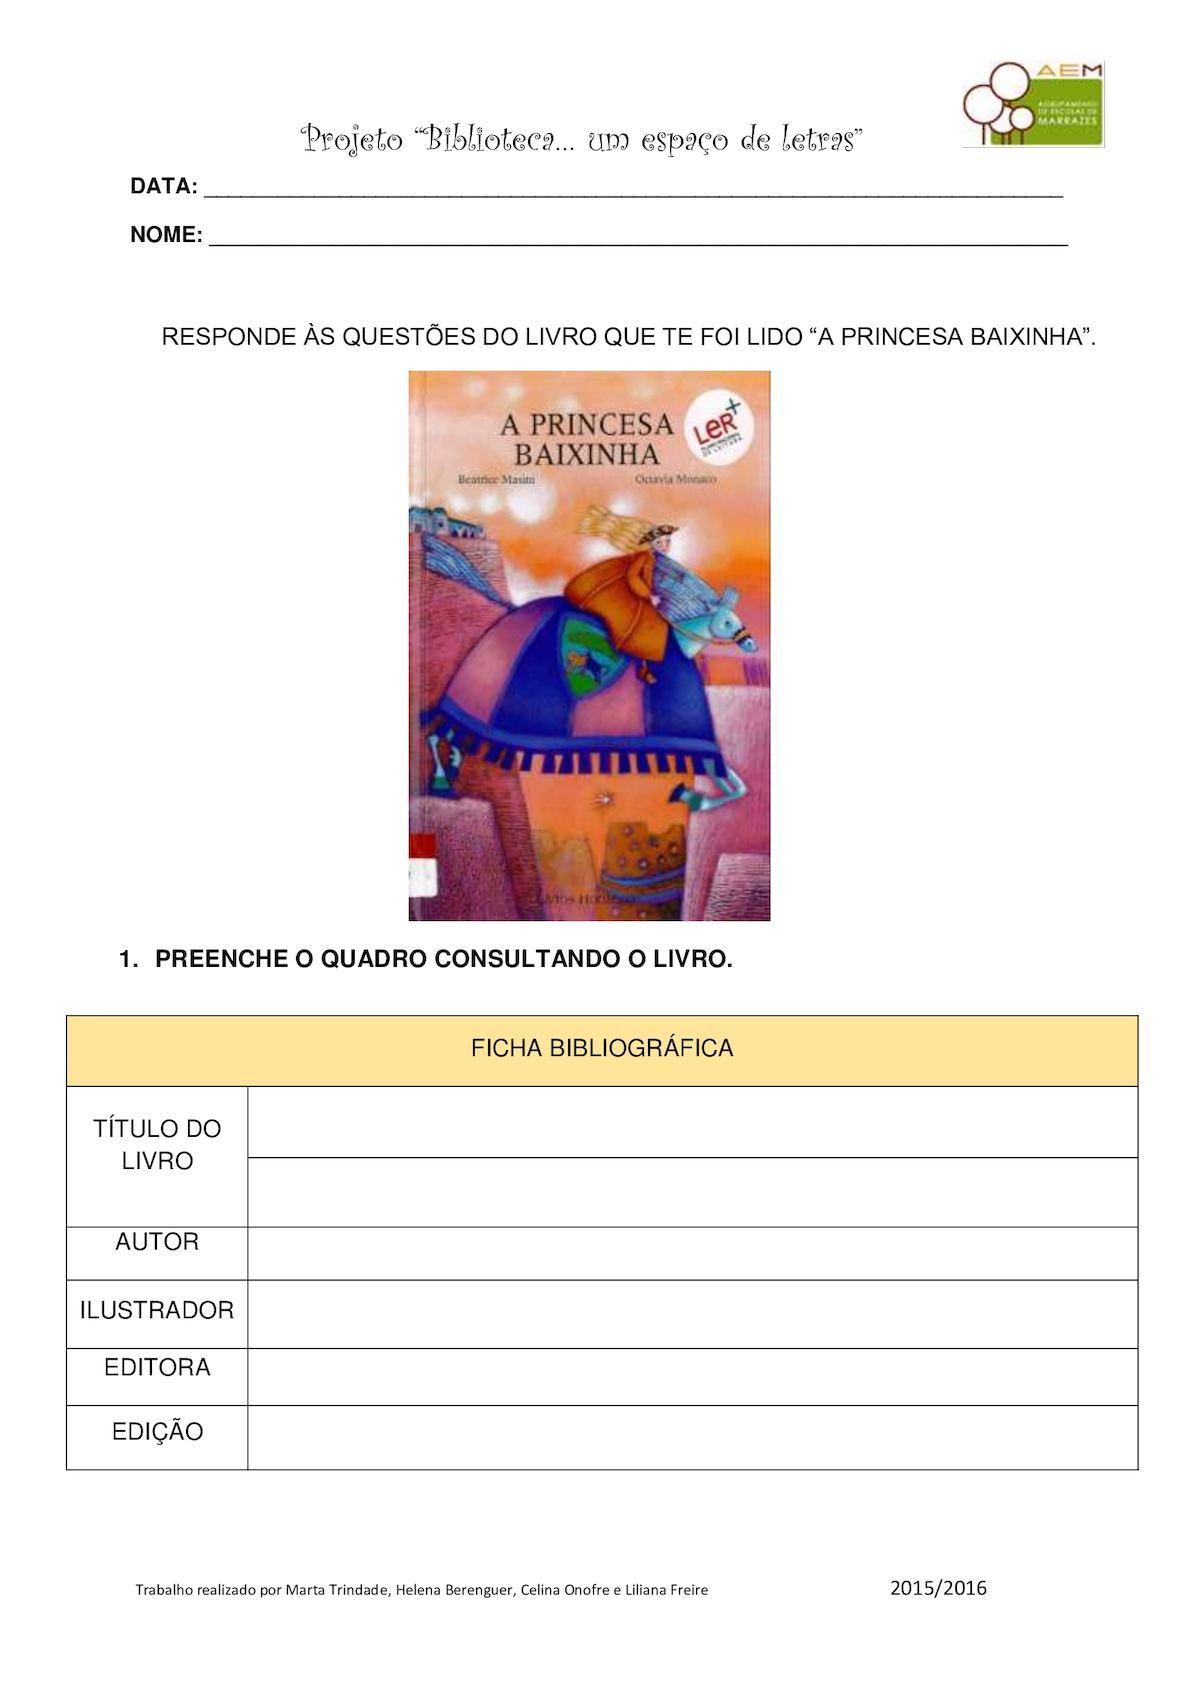 022 Projeto Biblioteca A Princesa Baixinha Caderno Atividades